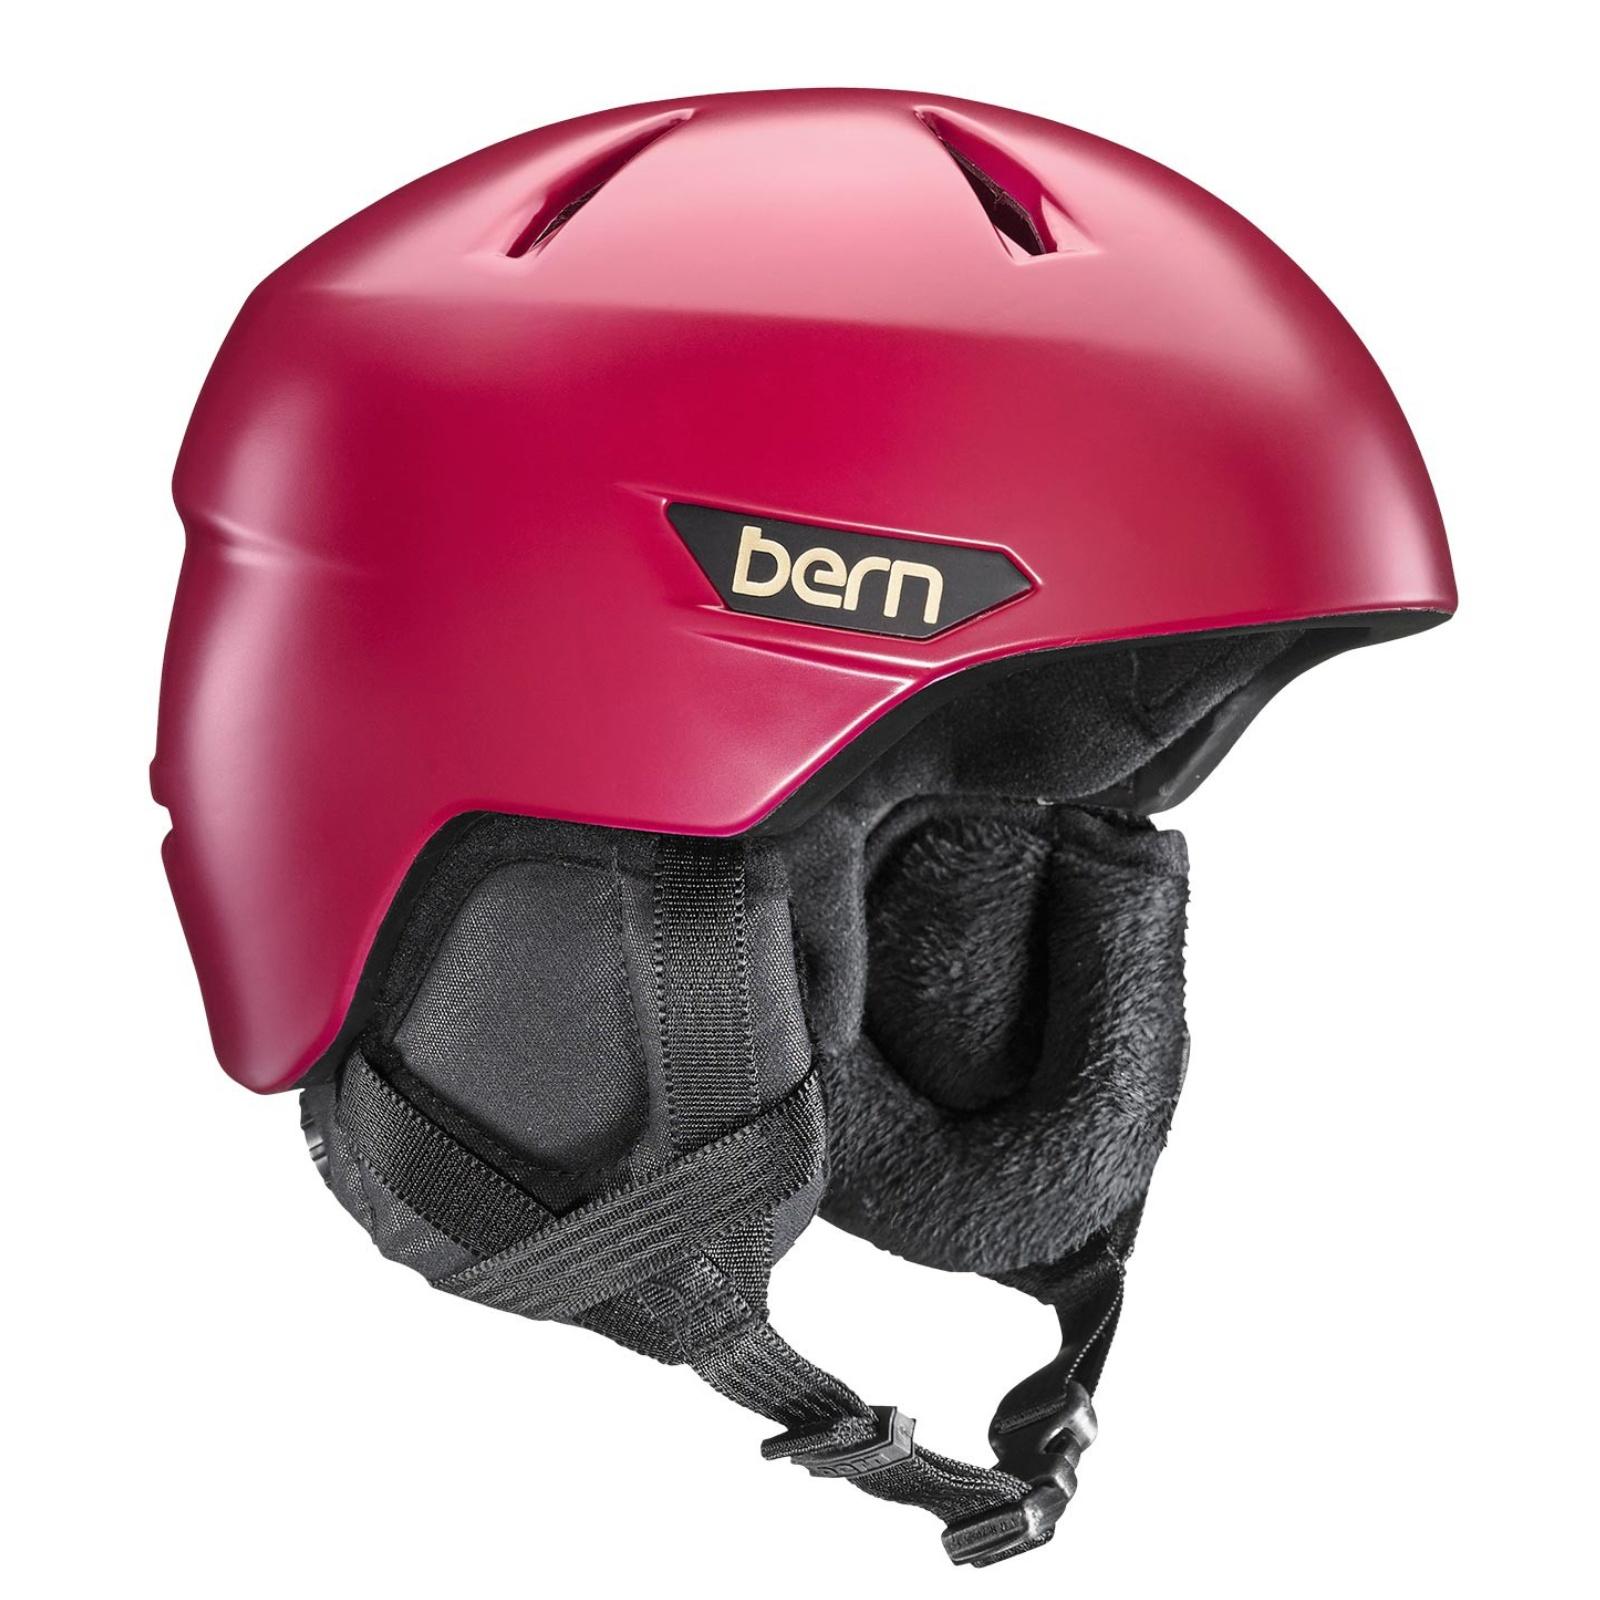 Helma BERN Bristow dámská červená - vel. XS-S